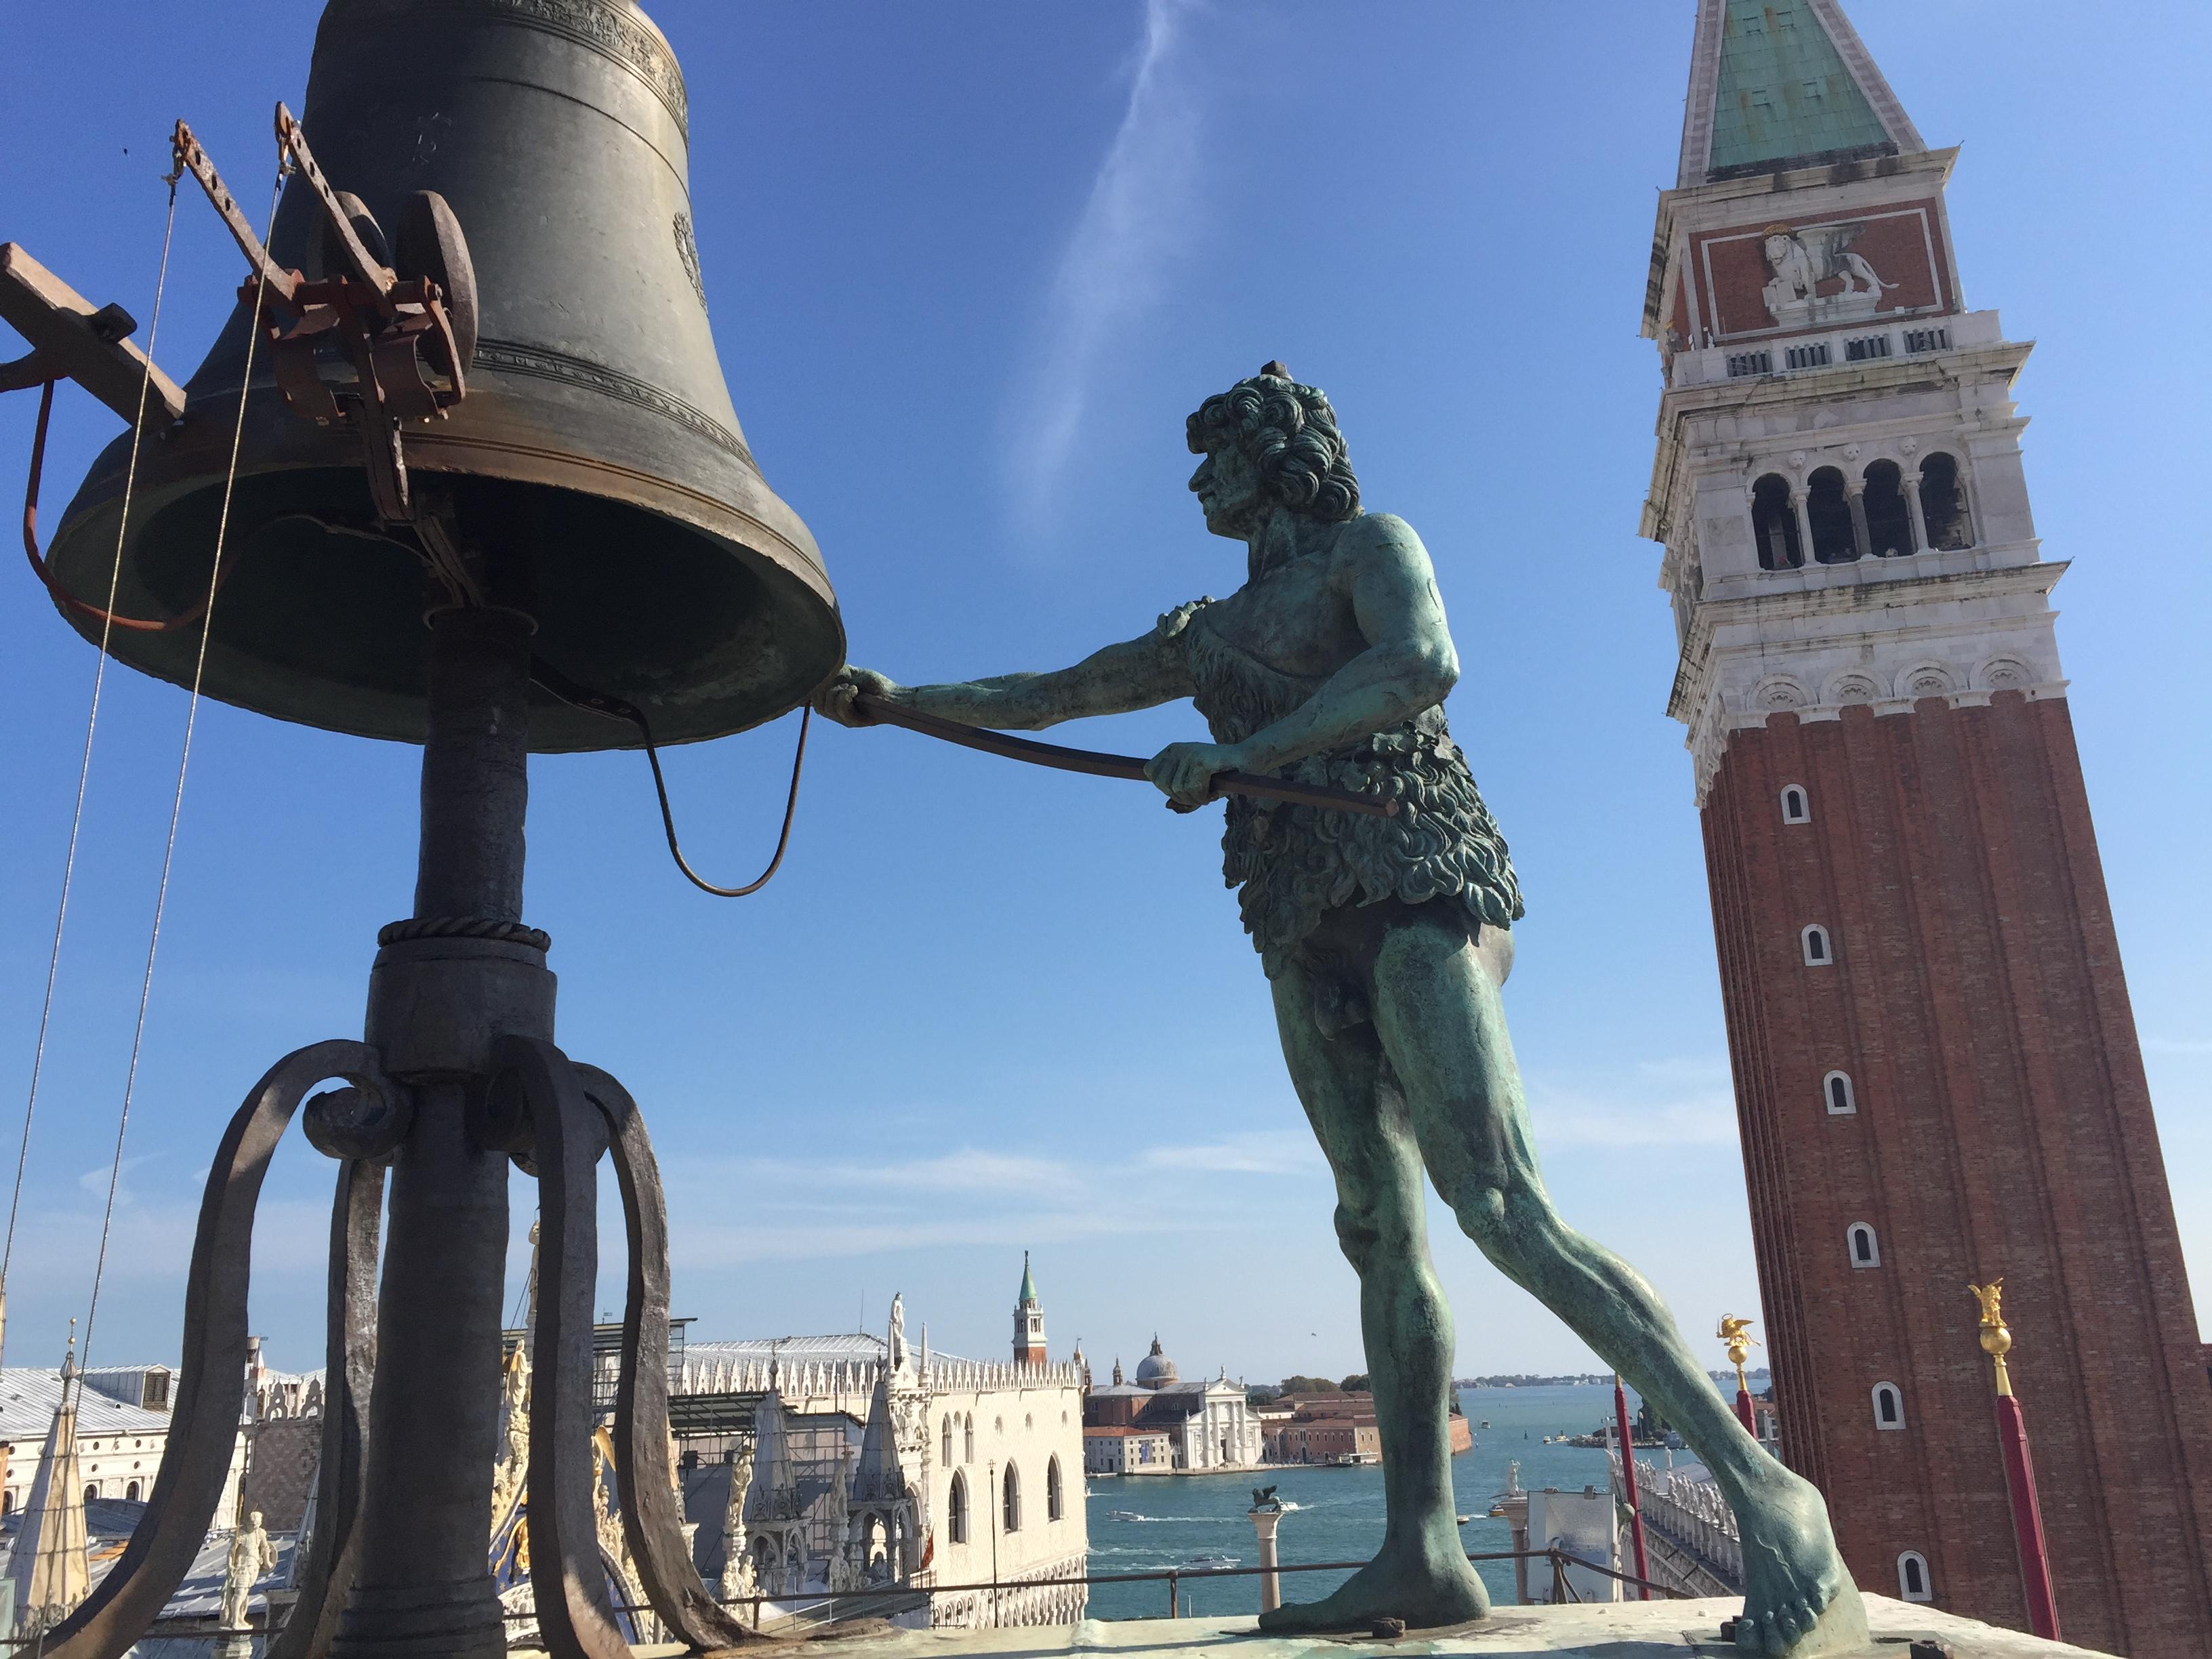 img 1560 - Subiendo al reloj astronómico de Venecia y Panoramica de la Piazza San Marcos